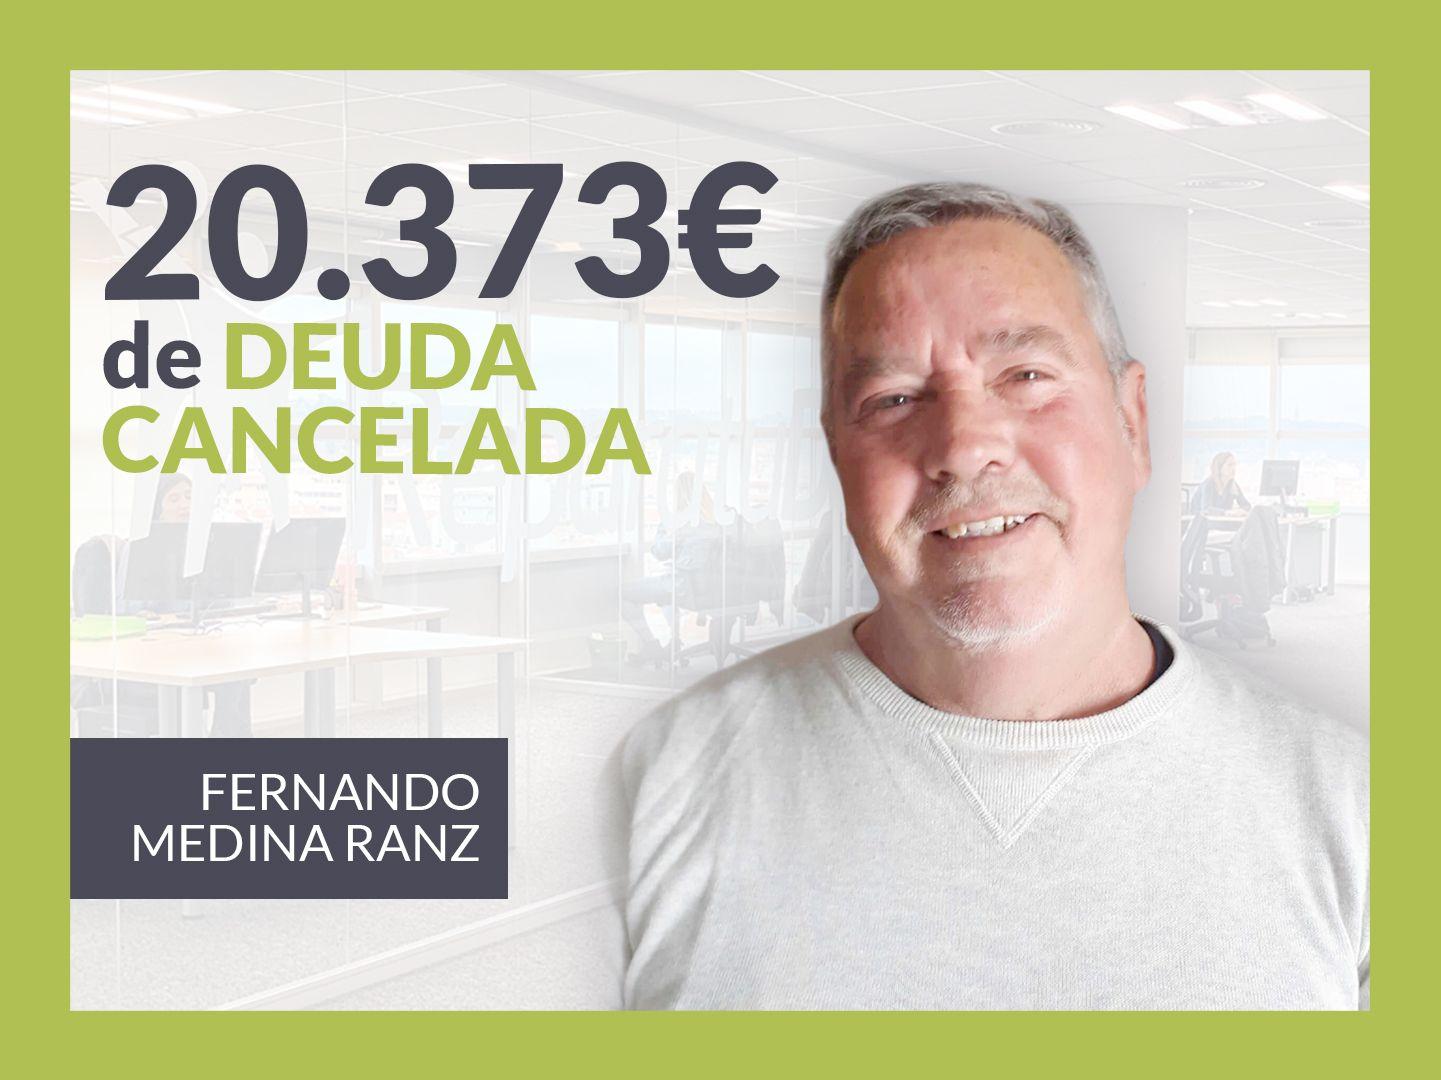 Repara tu Deuda abogados cancela 20.373 ? en Barcelona con la Ley de Segunda Oportunidad